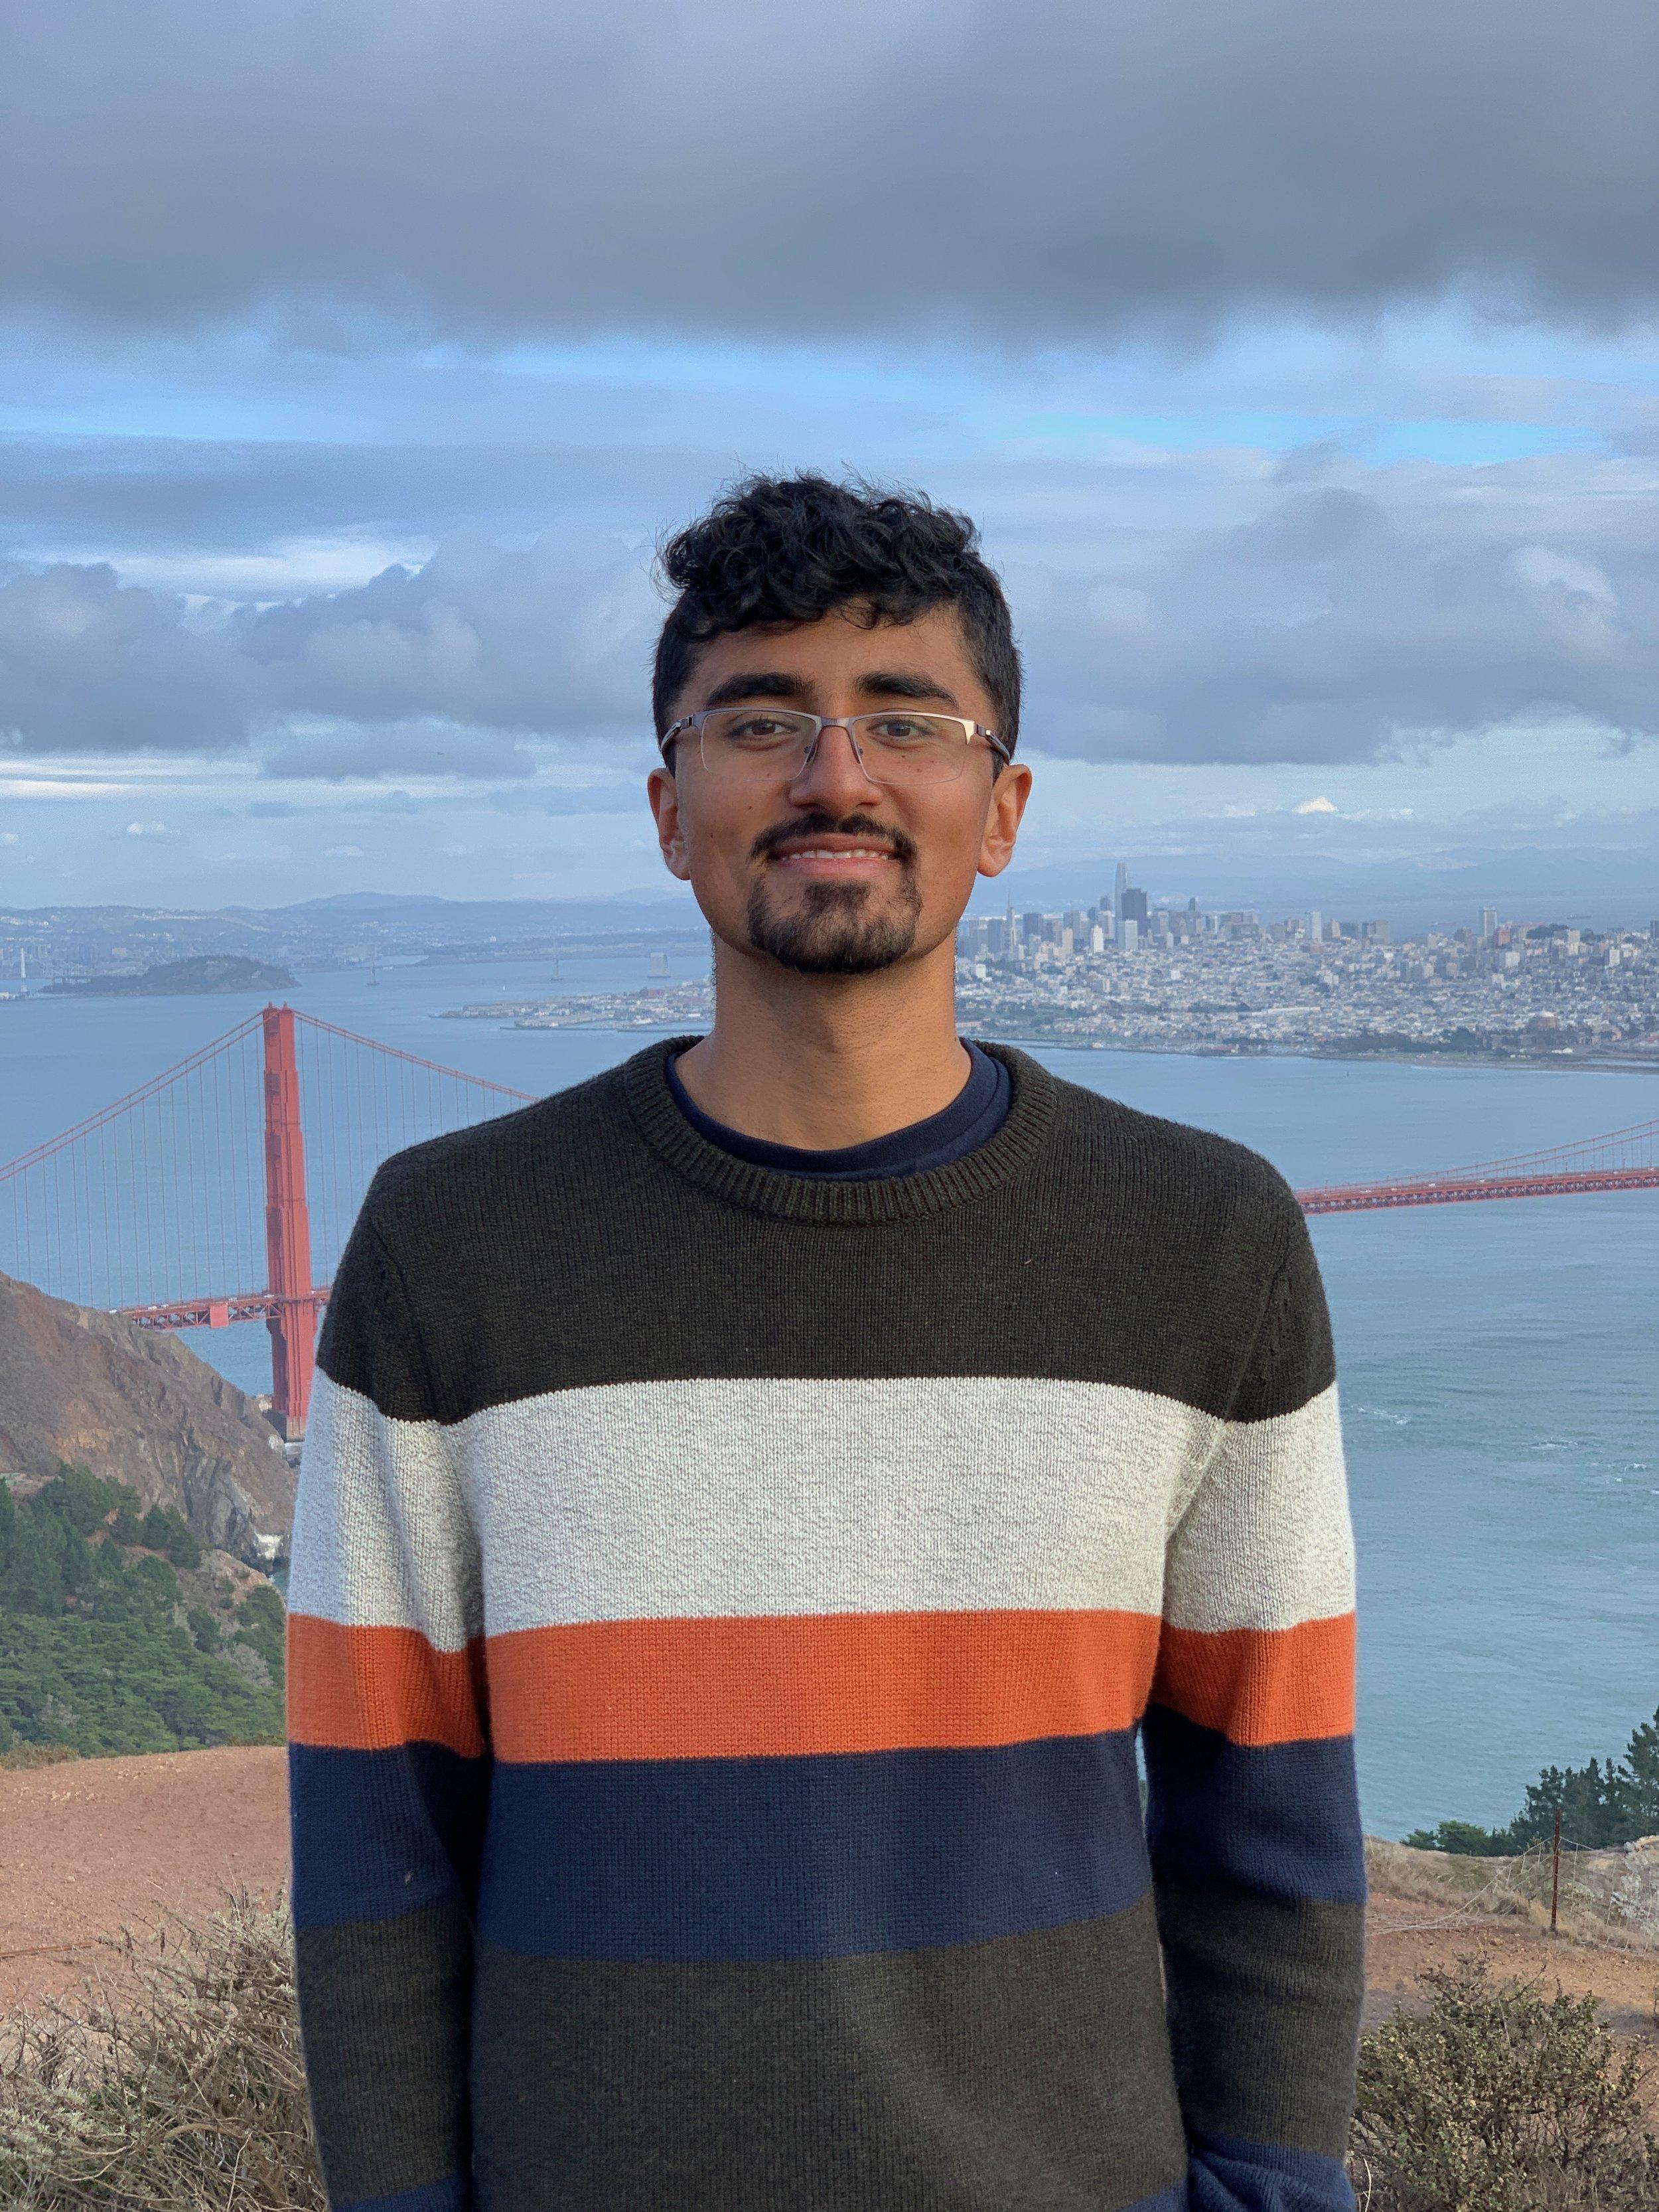 SF Photo